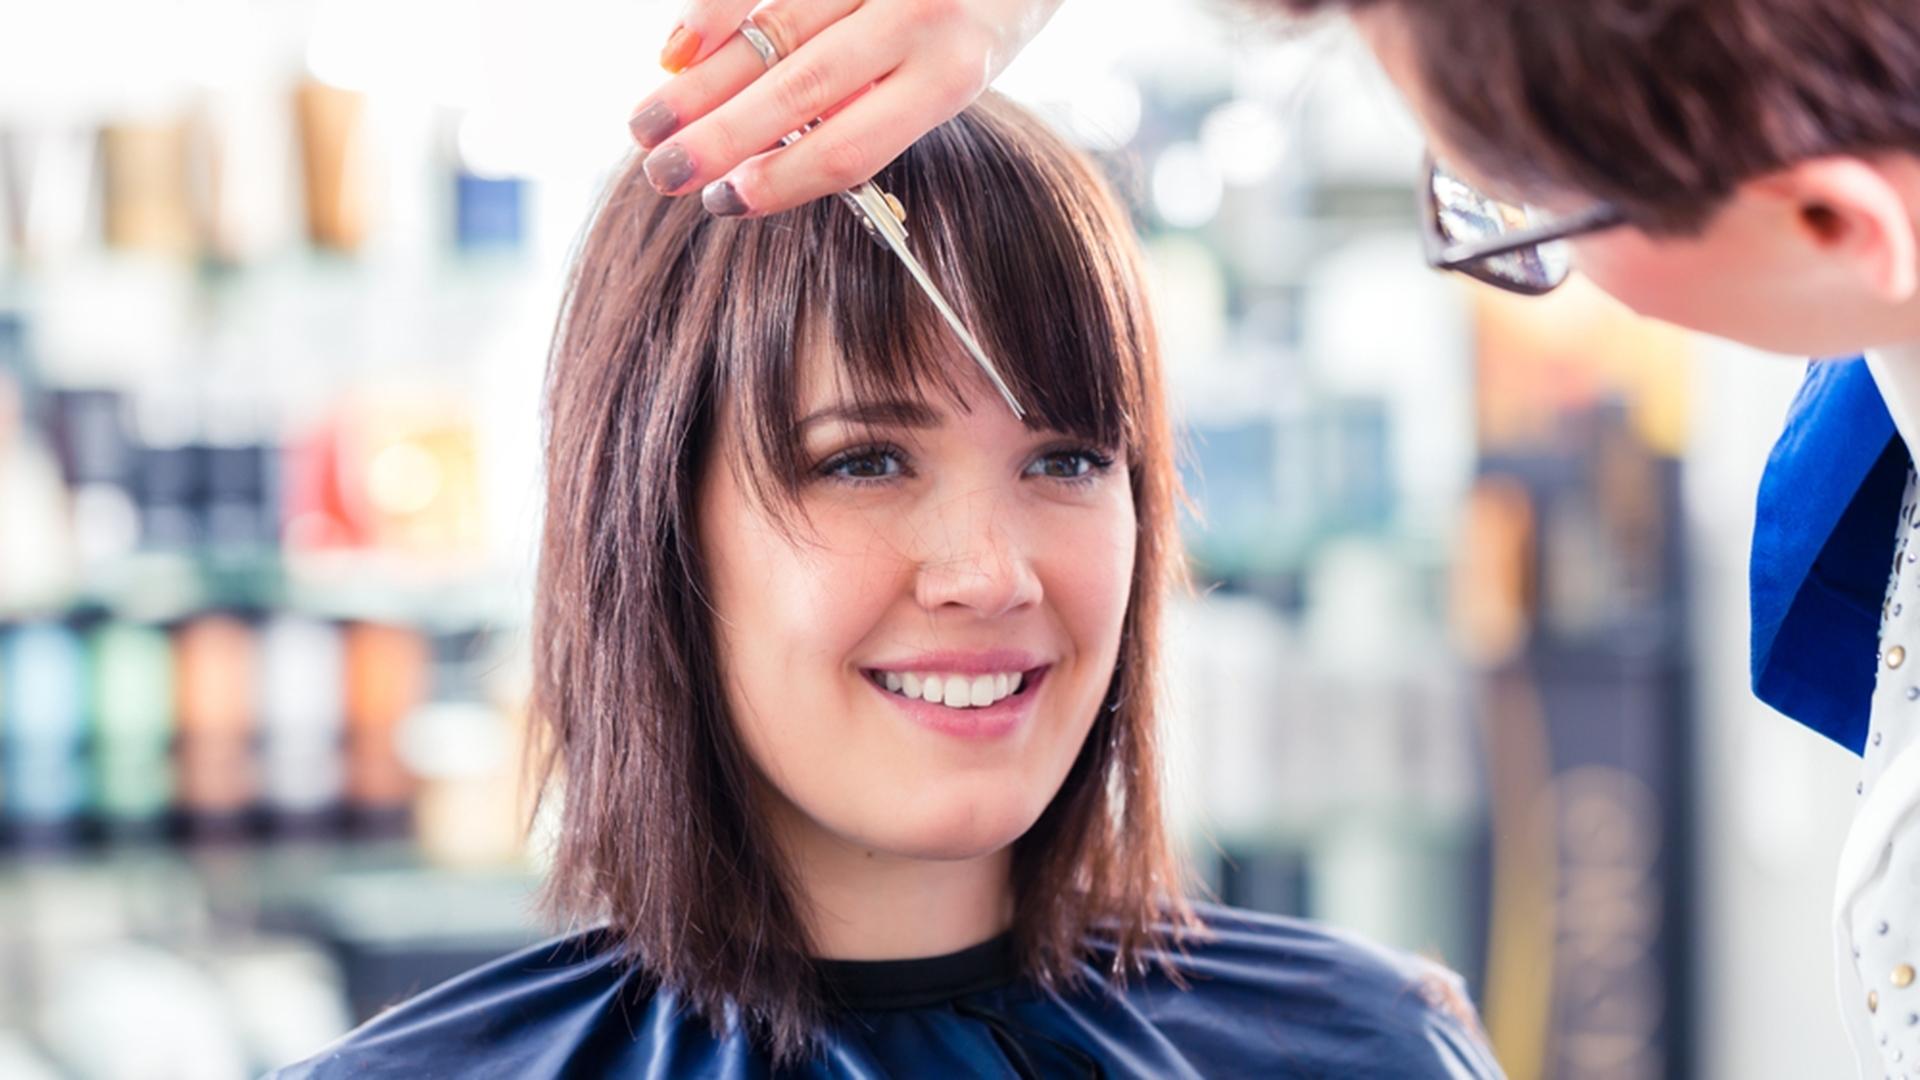 Hair Salon Etiquette: What If I Hate My Haircut? in Haircut Salon Near Me For Ladies